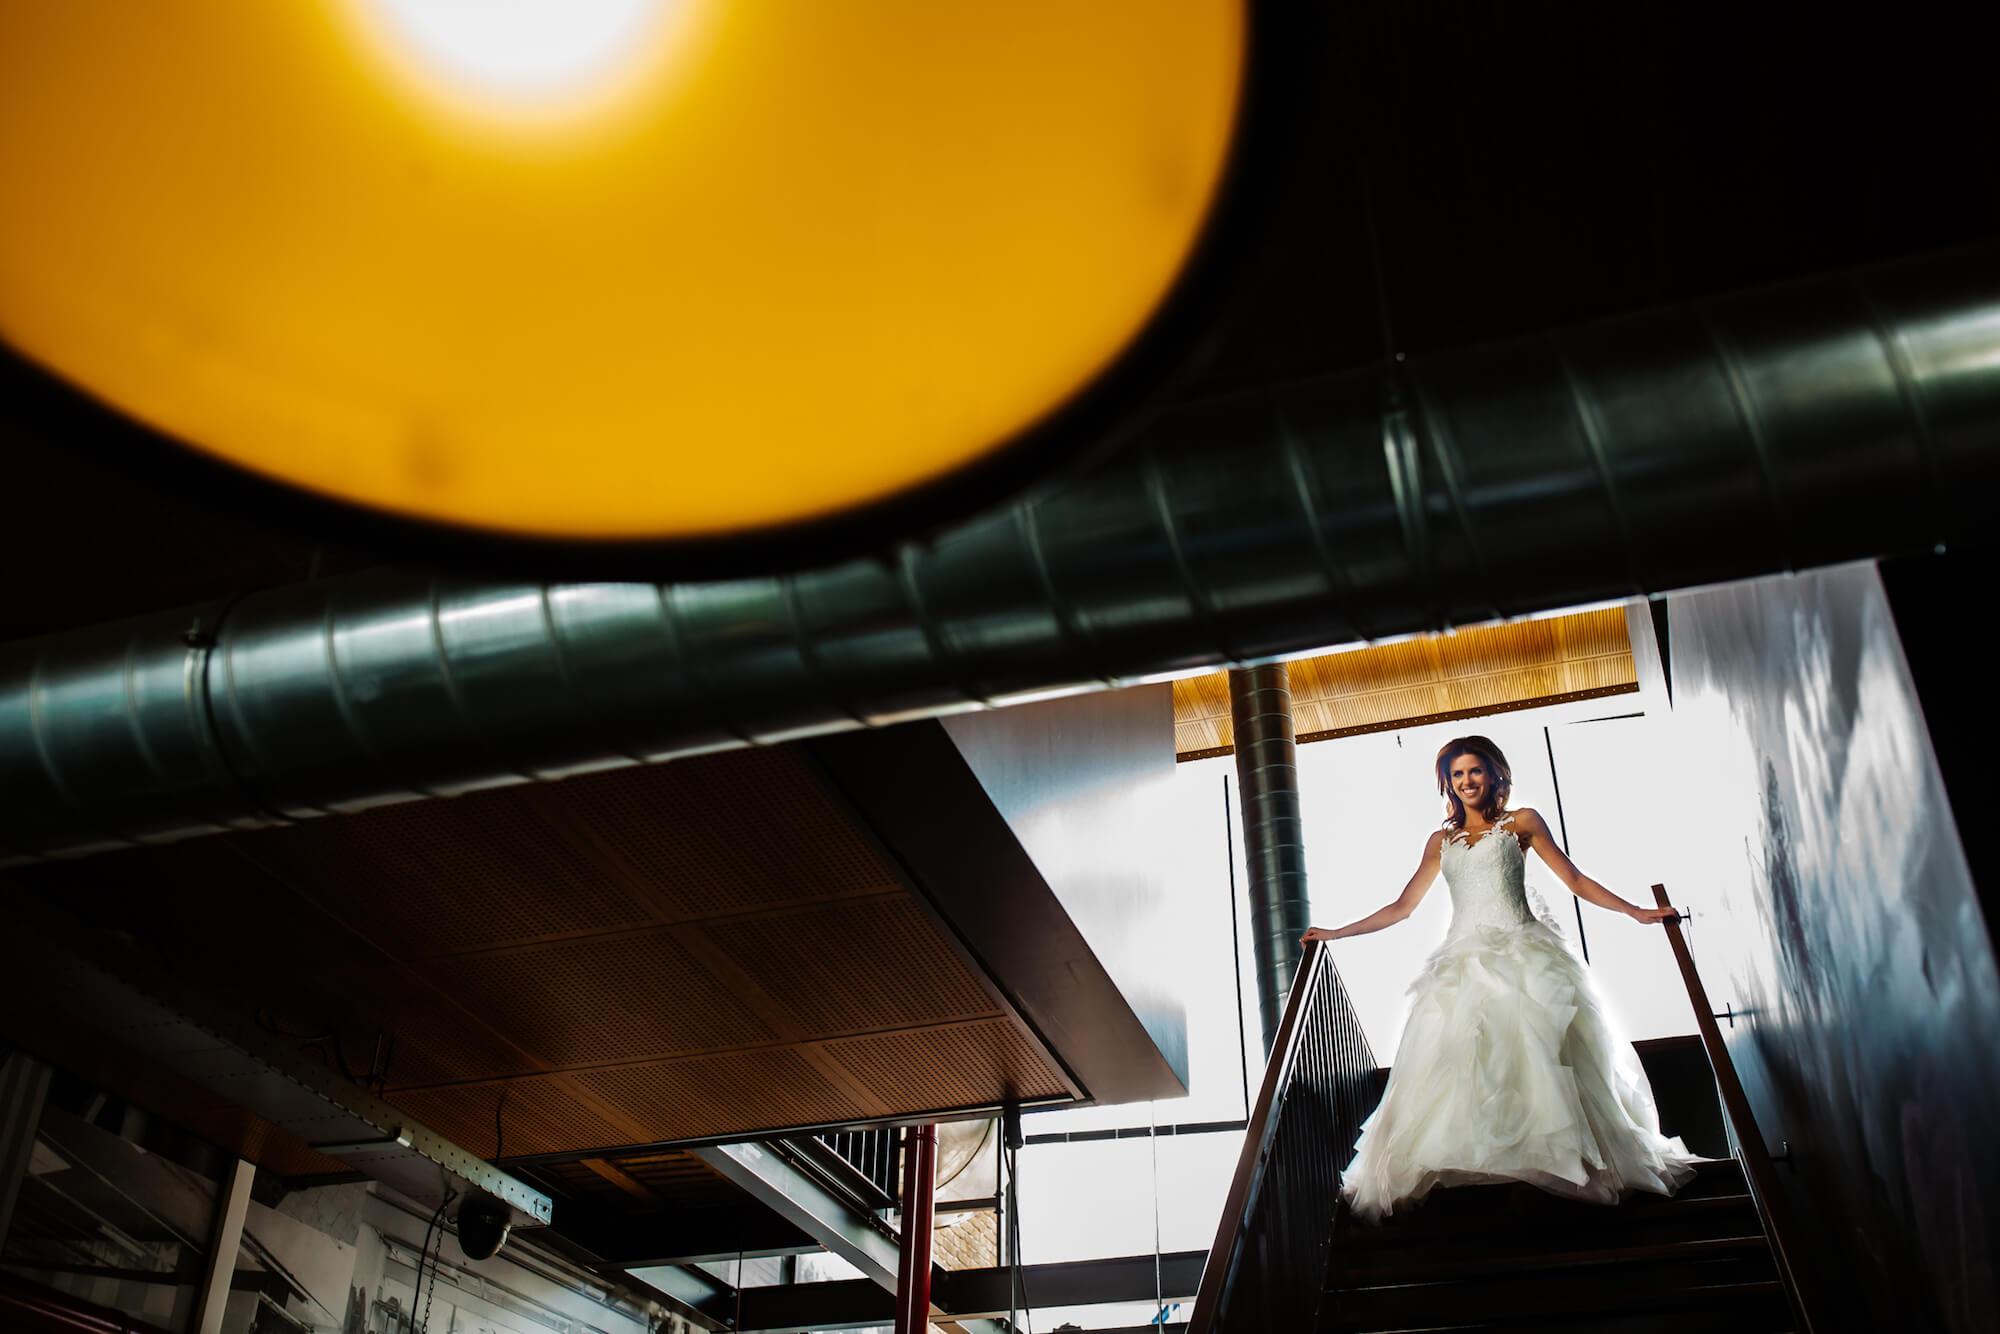 kasteelhoeve-geldrop-bruidsfotograaf-4.jpg